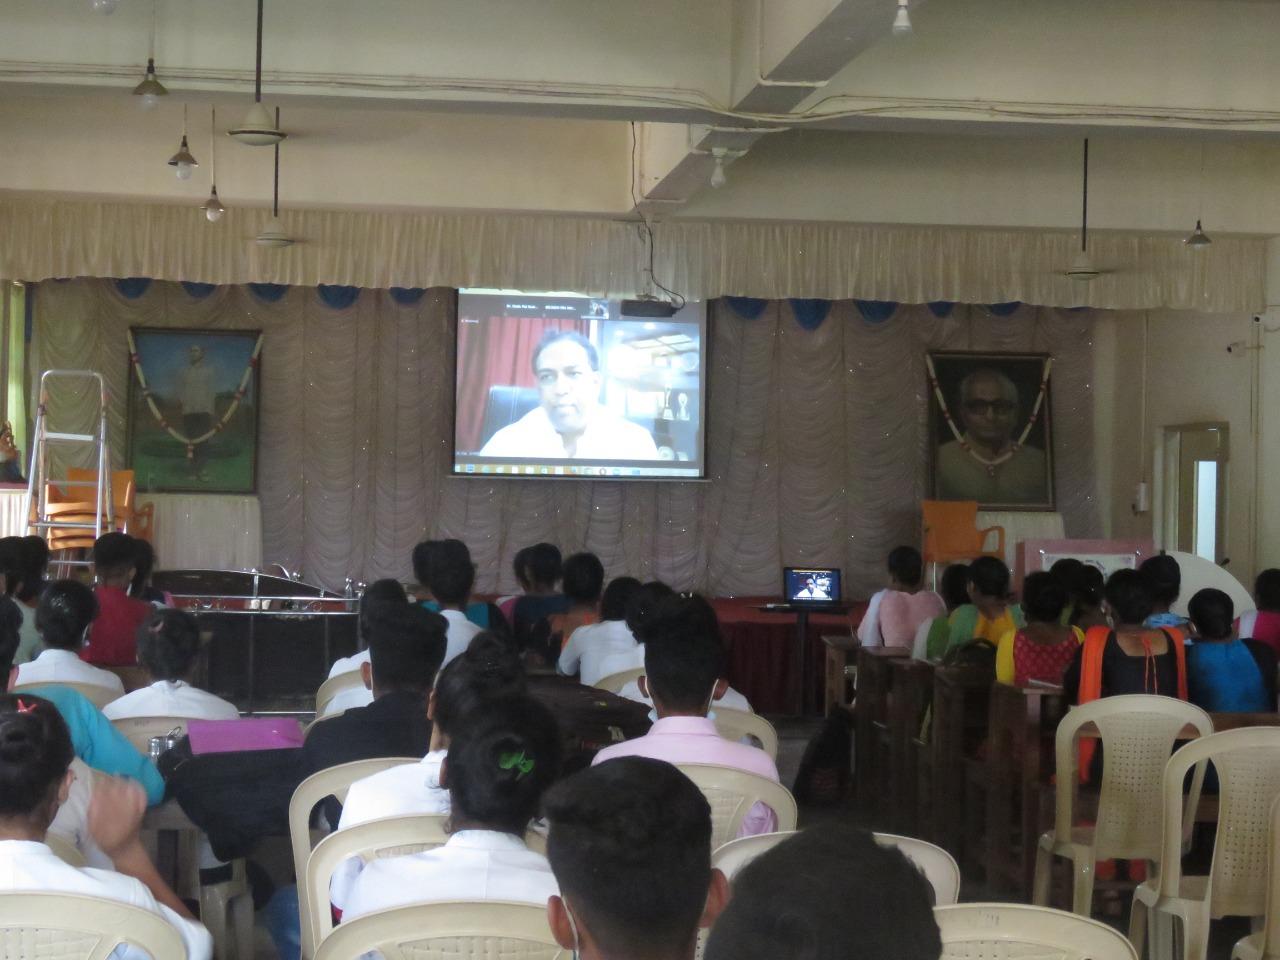 जागतिक आरोग्य दिनानिमित्त डॉ. संजय ओक यांचे ई प्रणालीद्वारे मार्गदर्शन